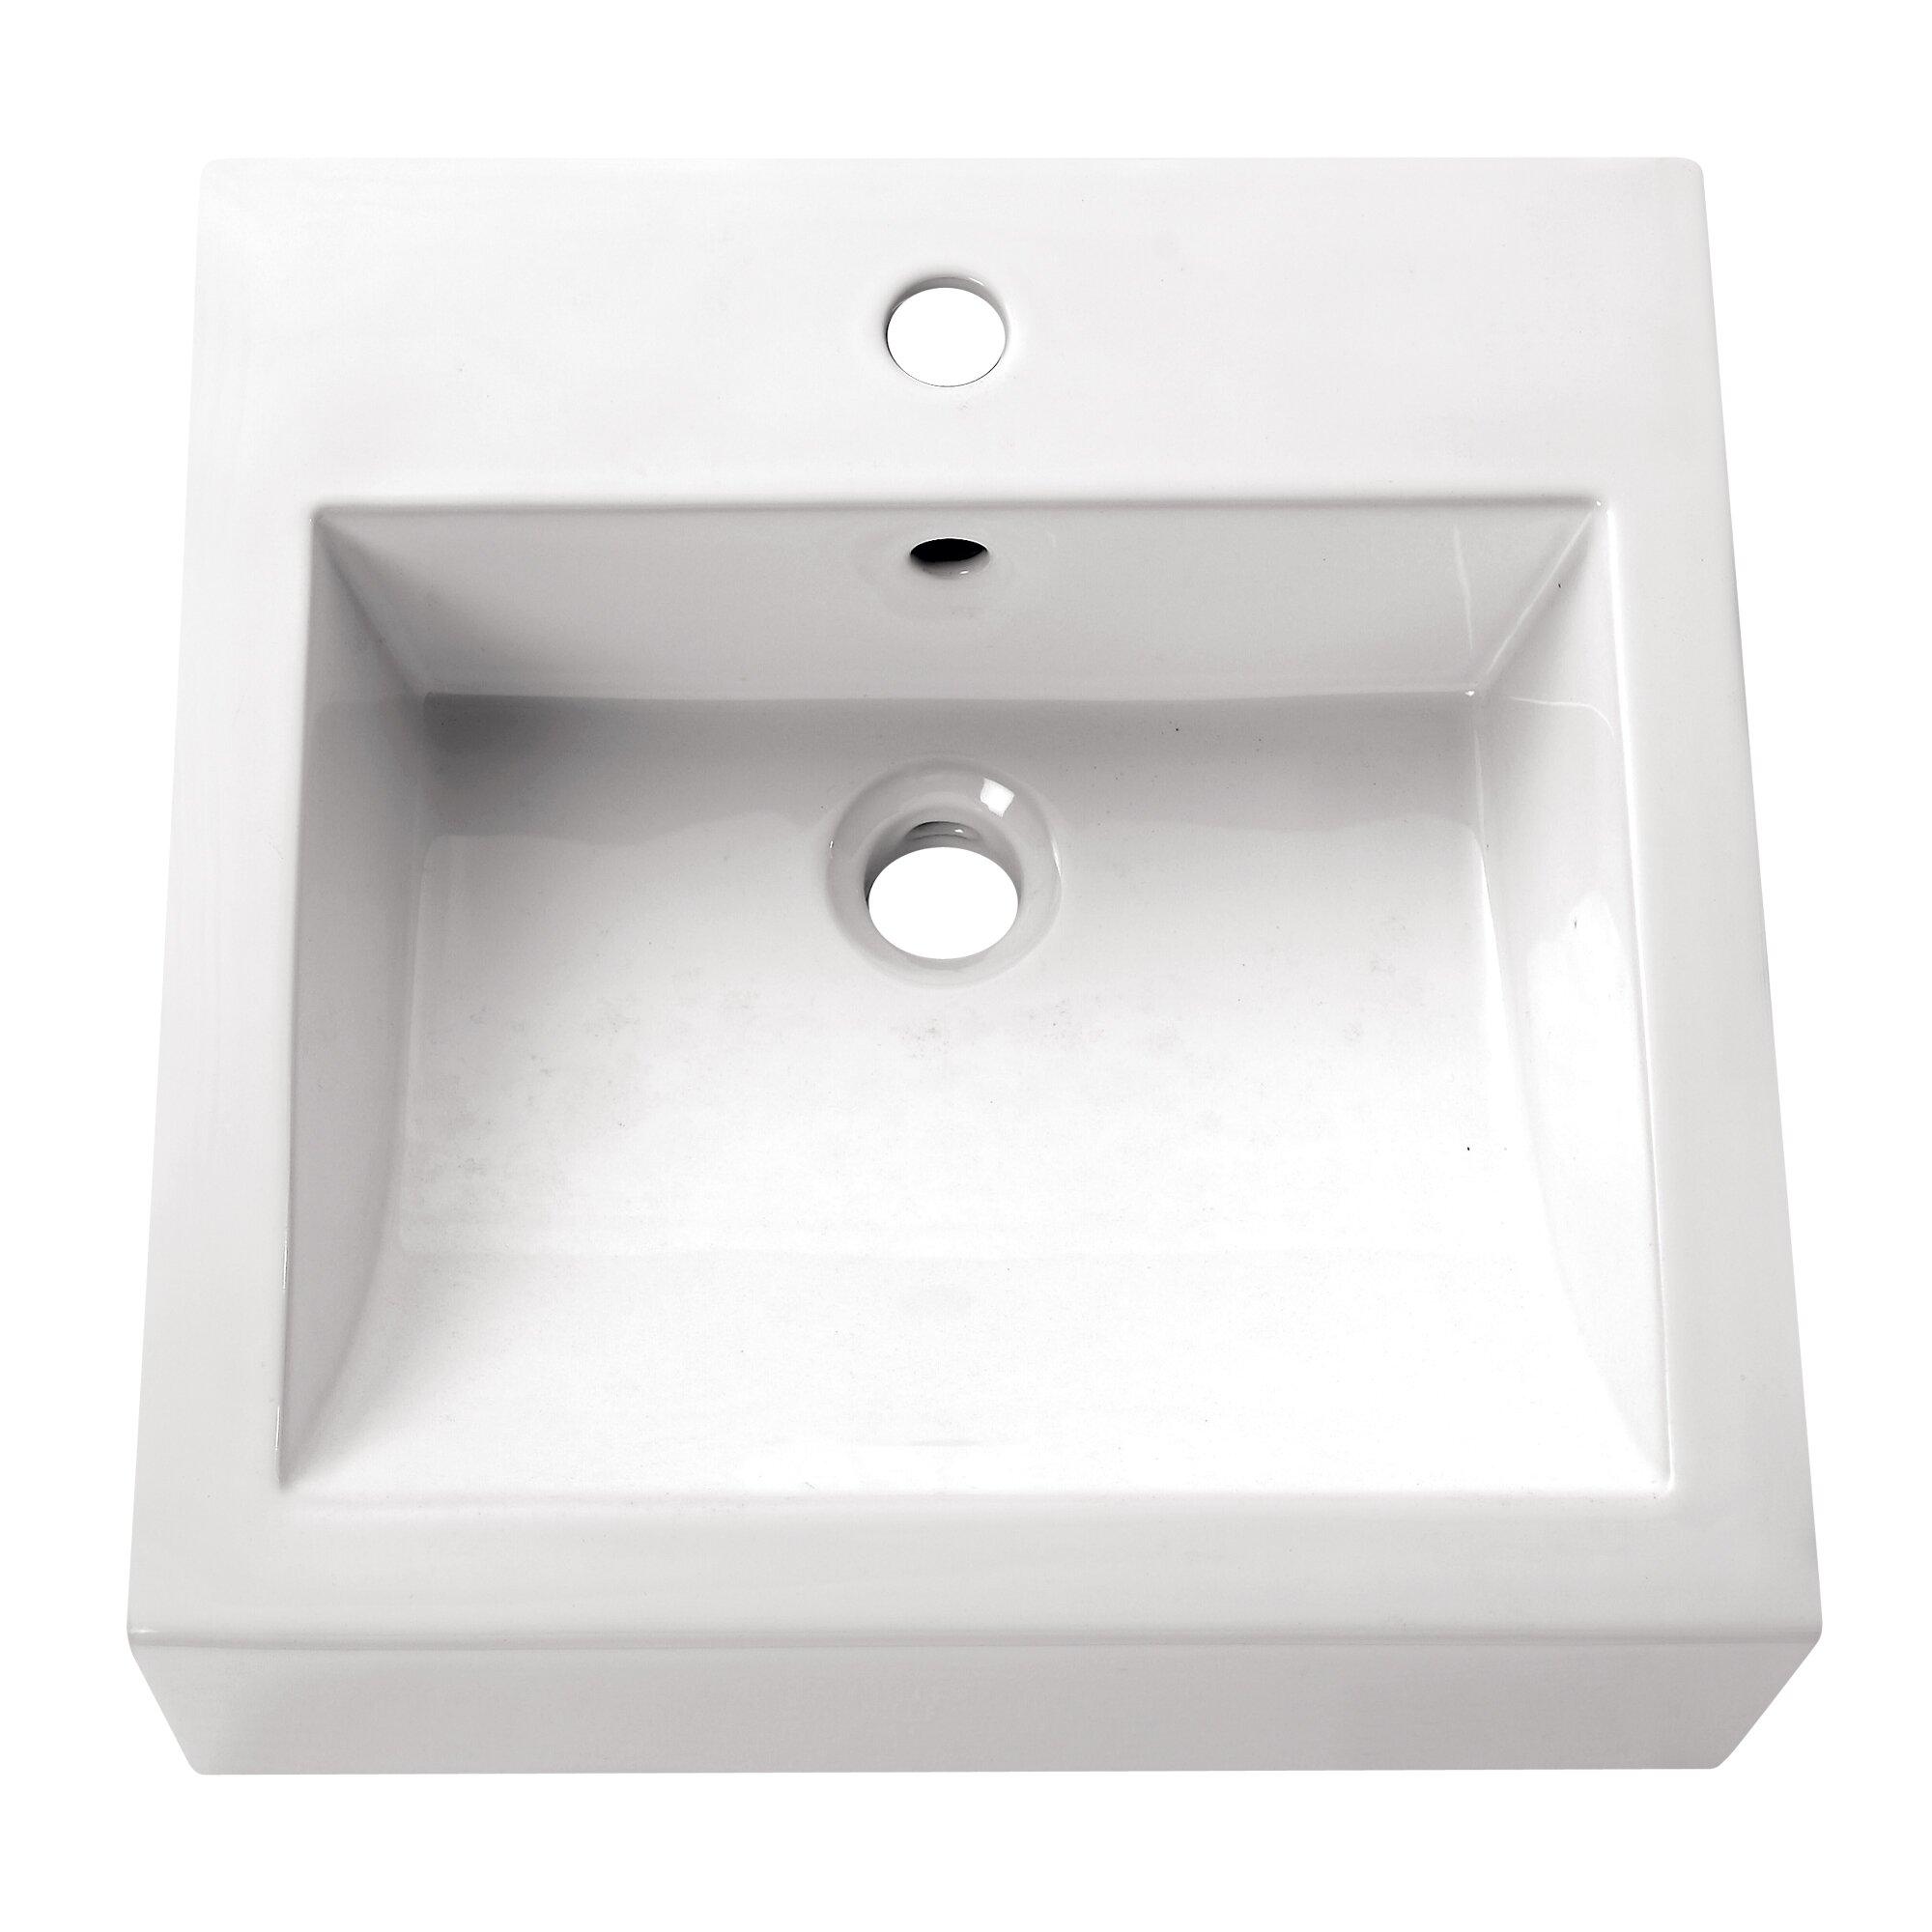 avanity above counter bathroom sink reviews wayfair